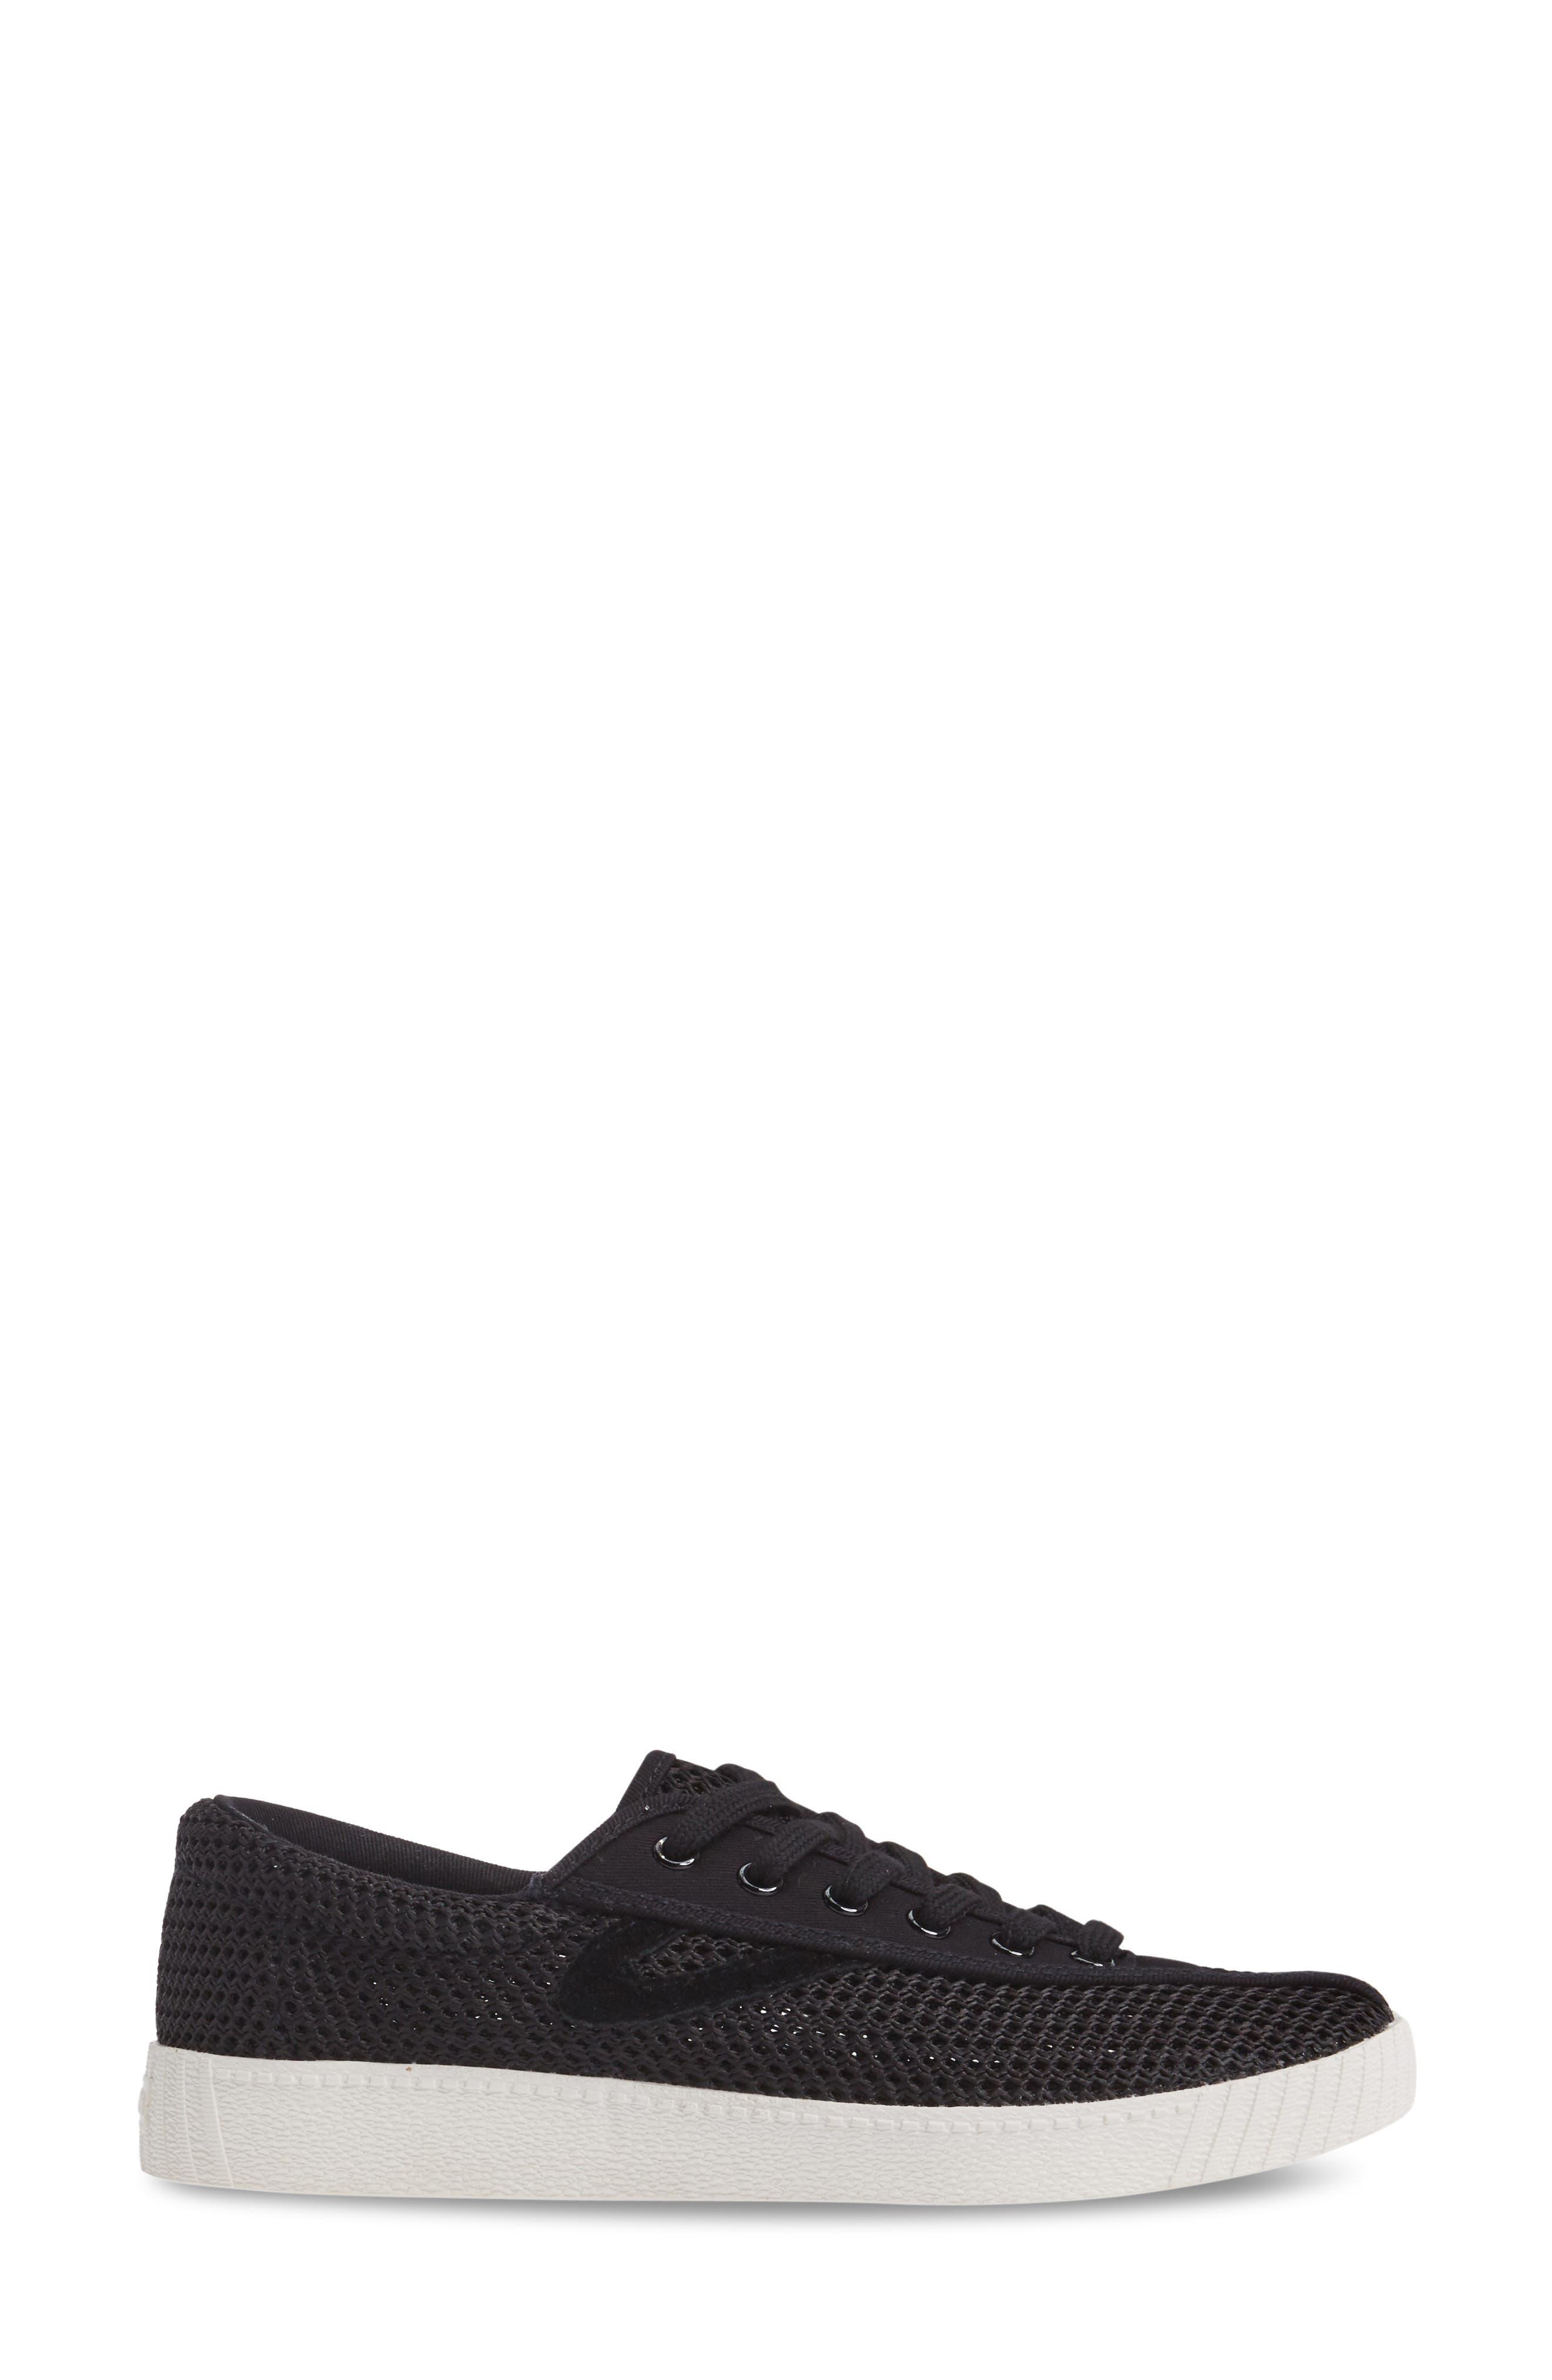 Alternate Image 3  - Tretorn Nylite Sneaker (Women)